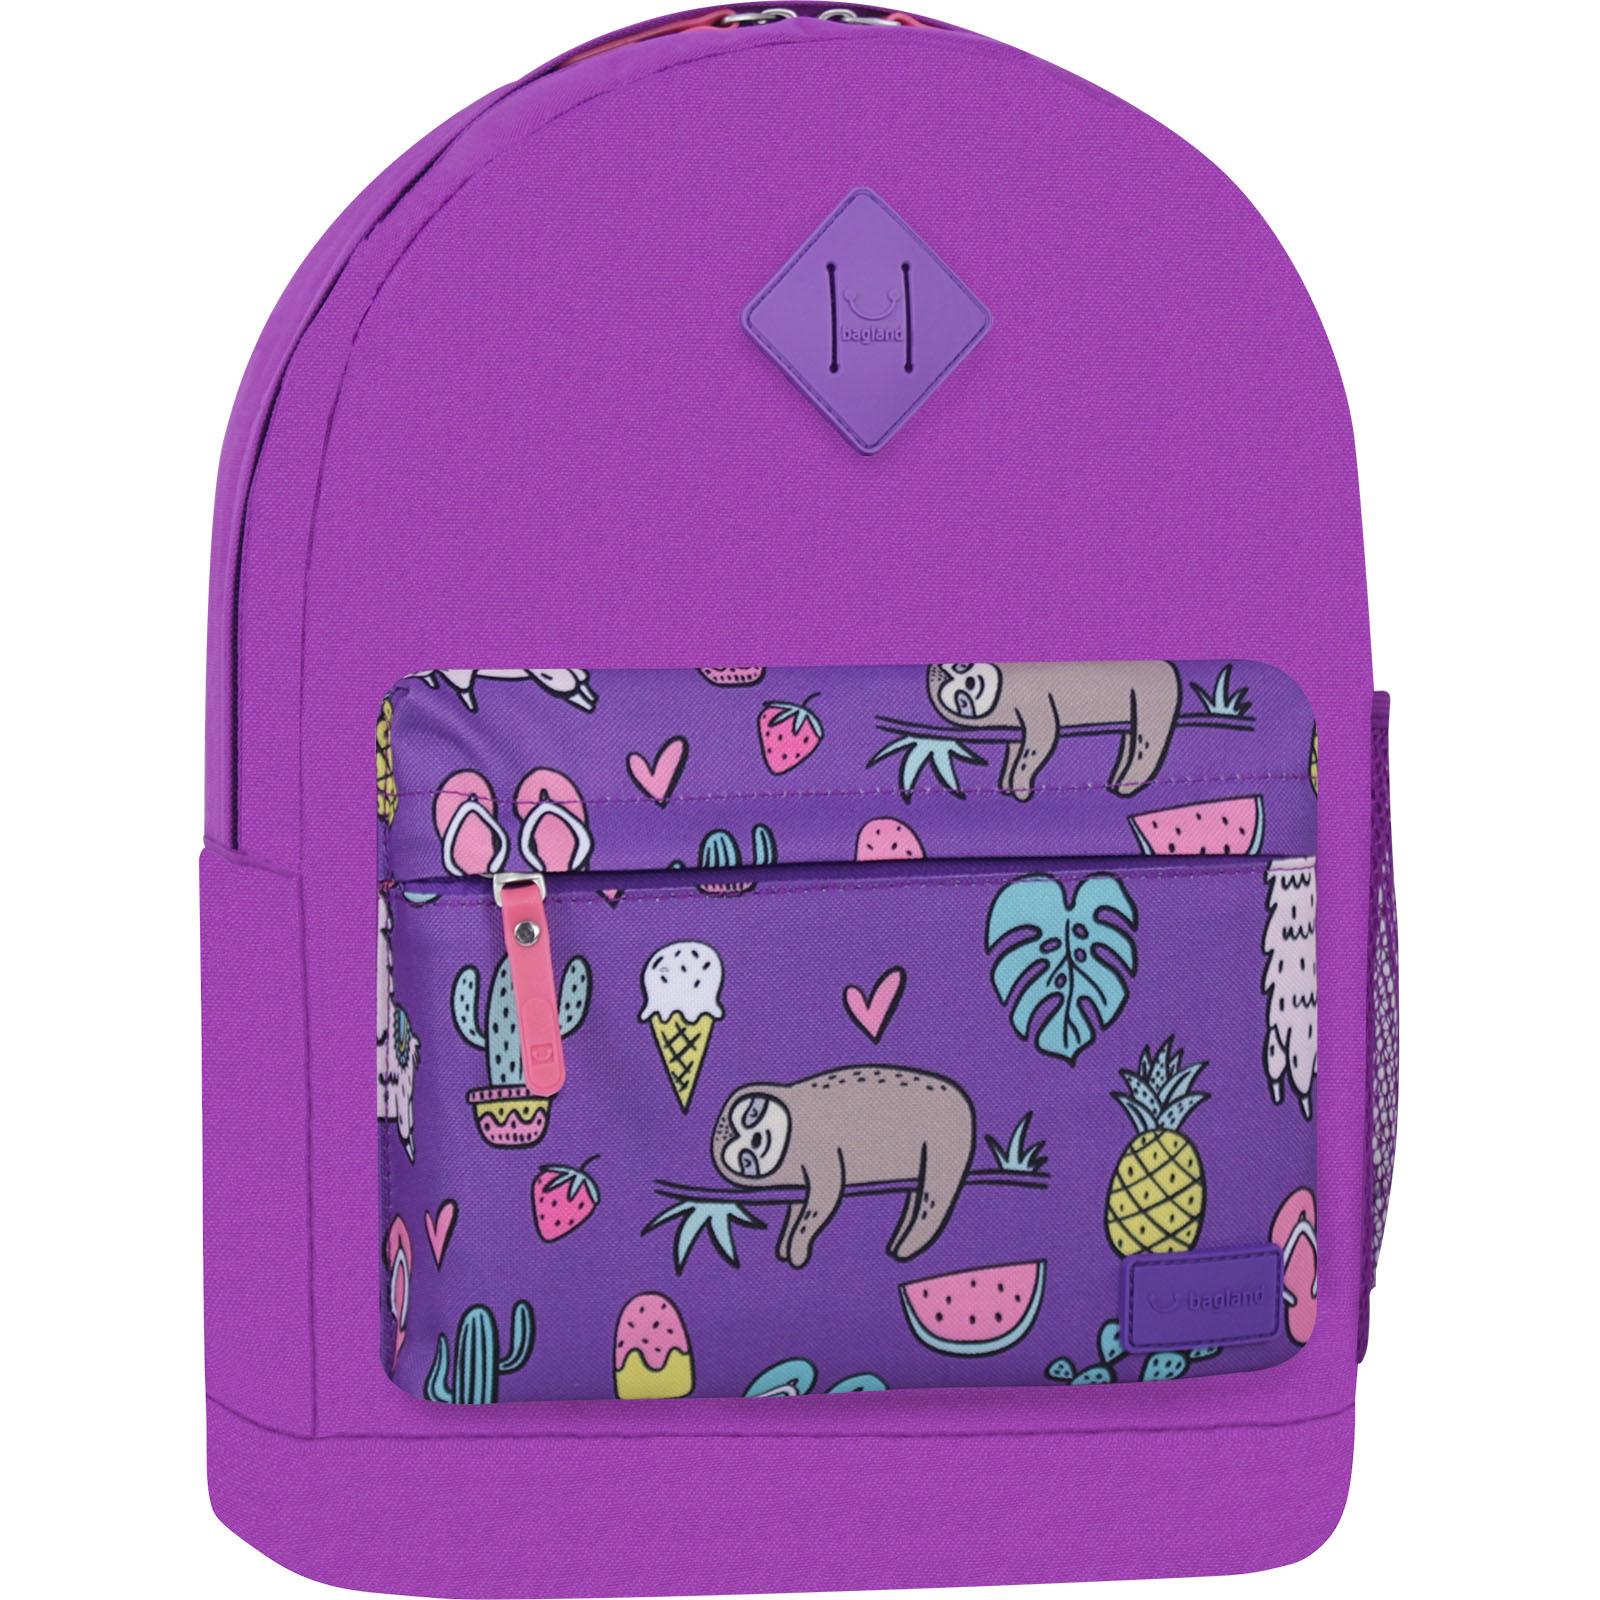 Рюкзак Bagland Молодежный W/R 17 л. 170 Фиолетовый 770 (00533662) фото 1